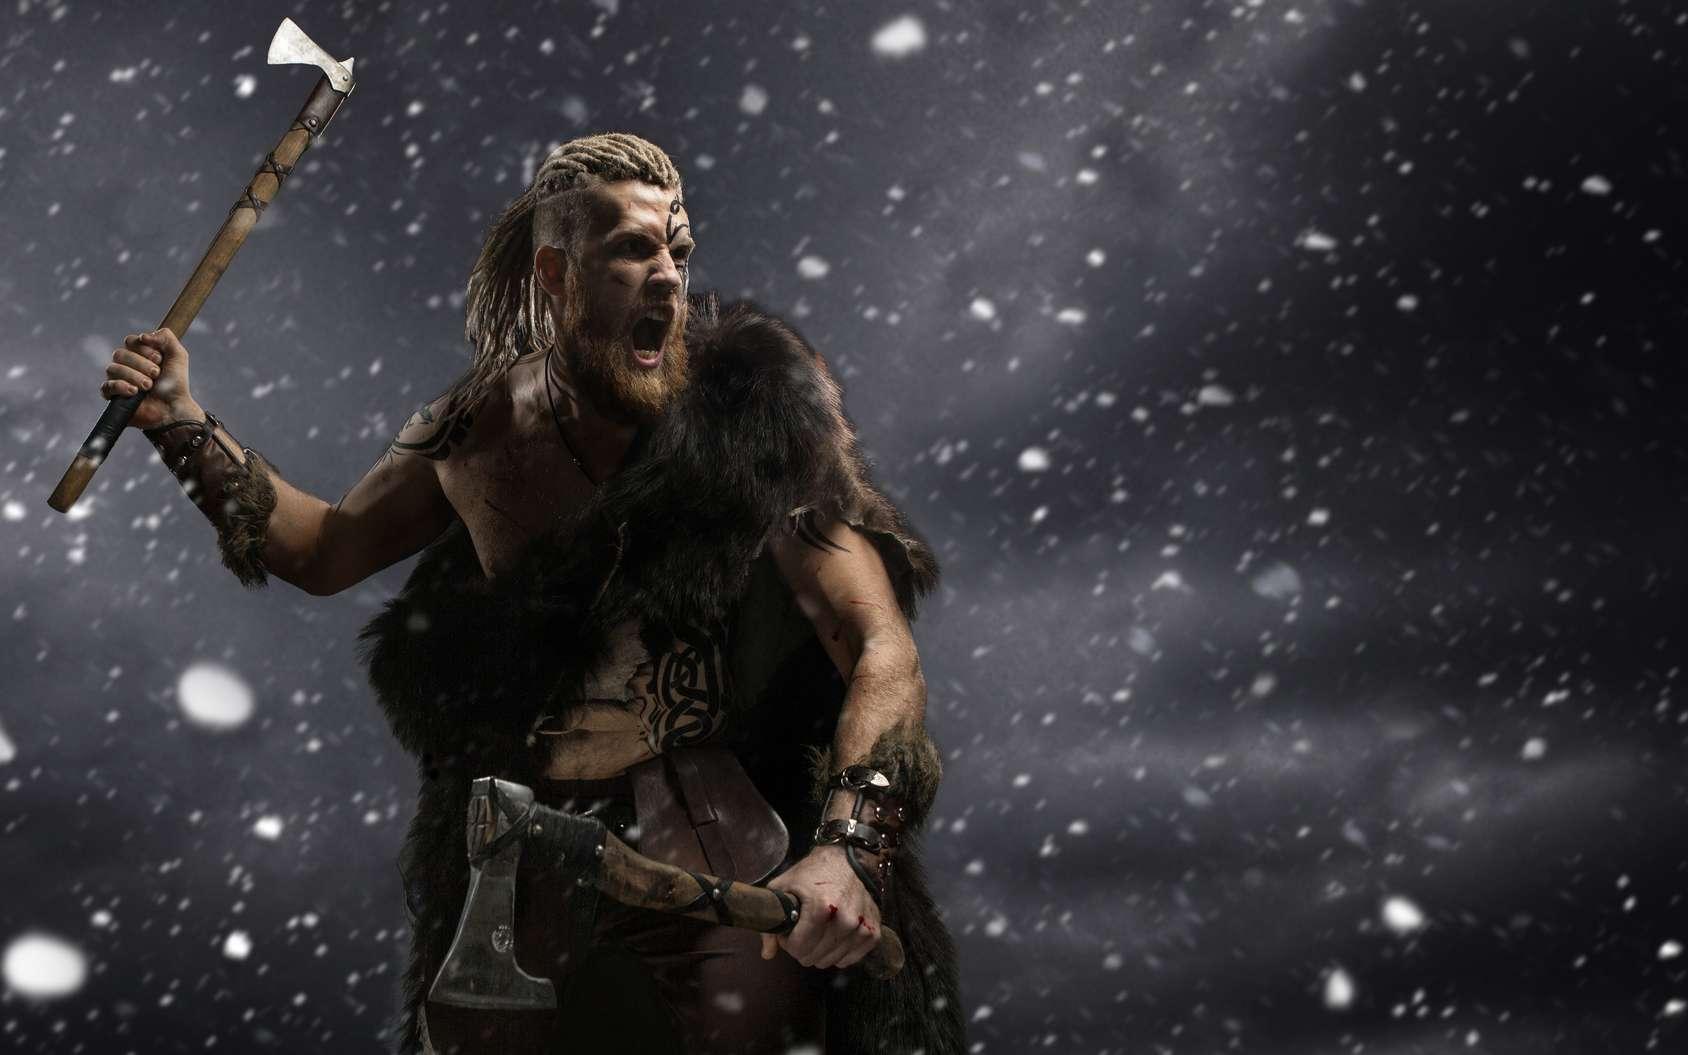 Le patrimoine génétique des hommes espagnols a été intégralement remplacé il y a 4.500 ans. © fotokvadrat, Fotolia